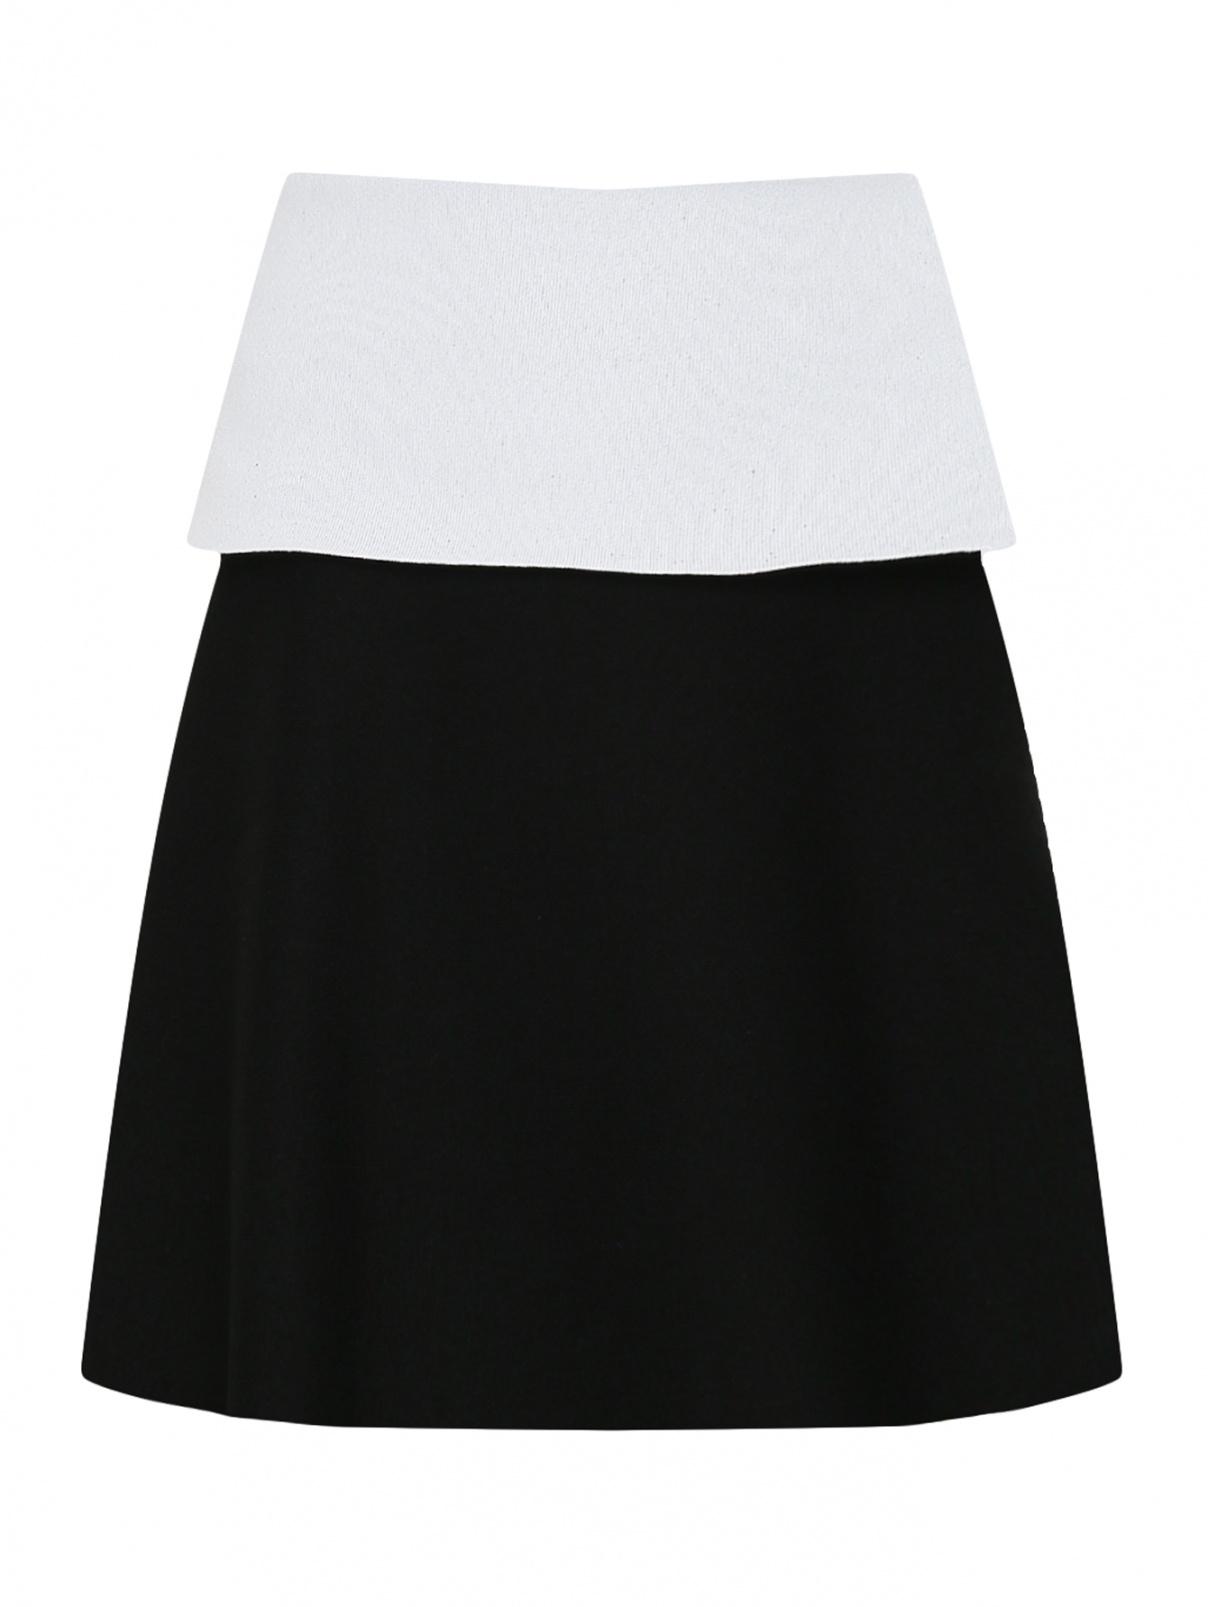 Трикотажная юбка с контрастной баской и молнией Proenza Schouler  –  Общий вид  – Цвет:  Черный